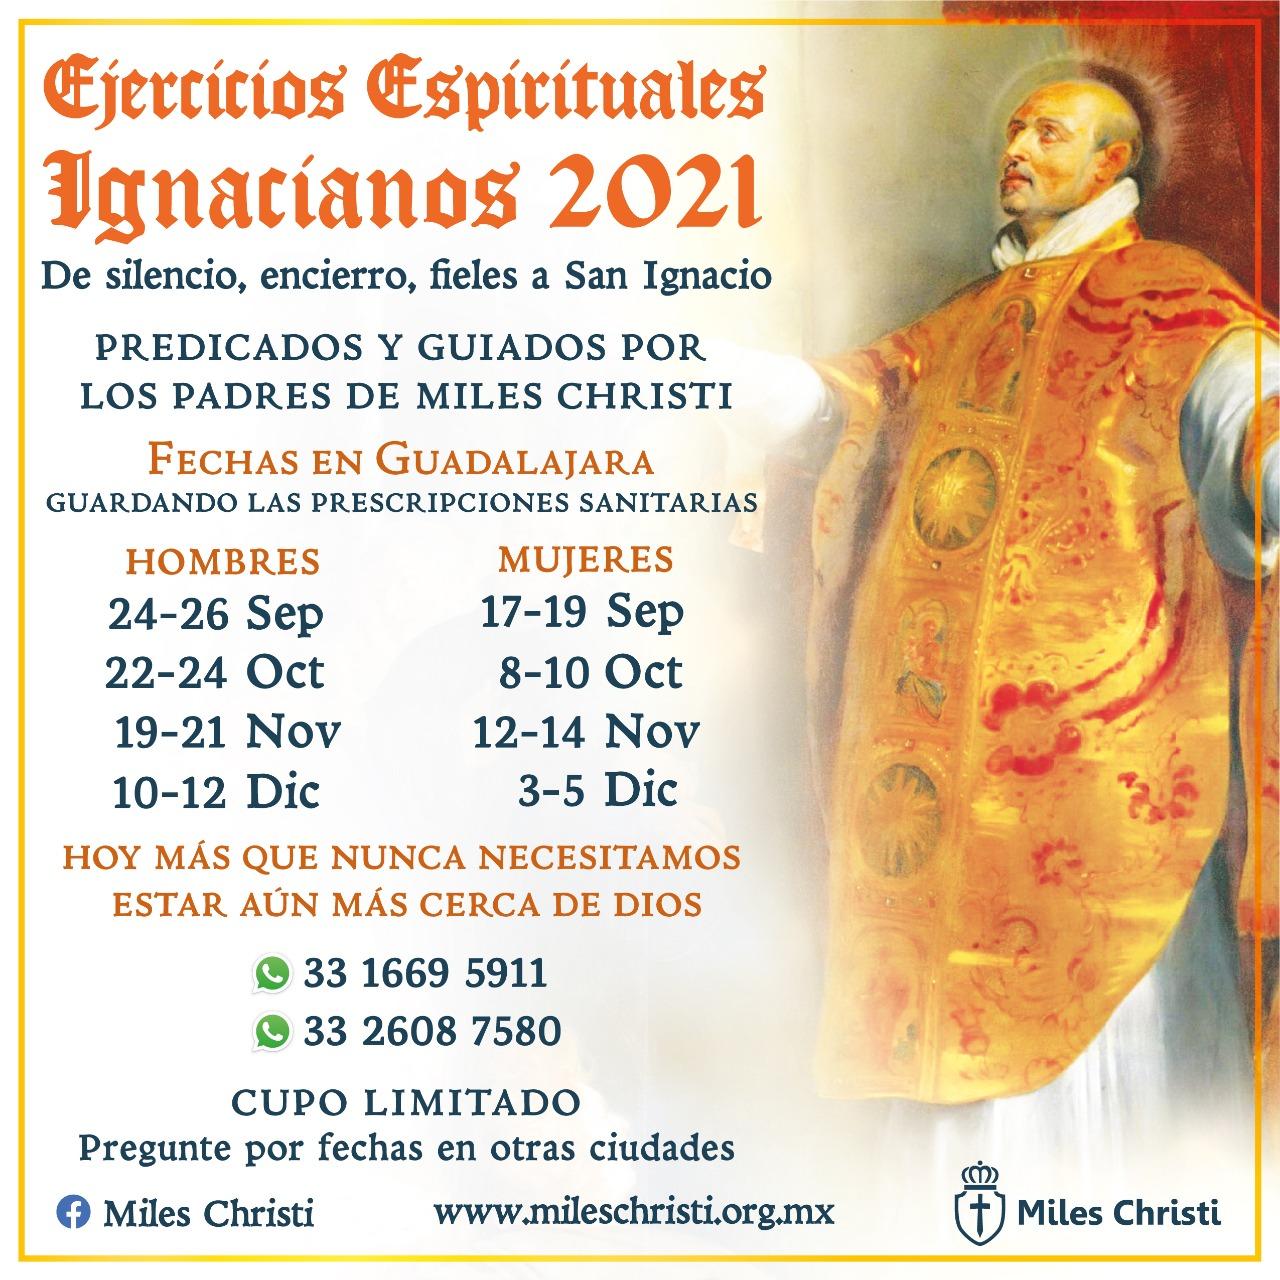 Ejercicios Espirituales en Guadalajara